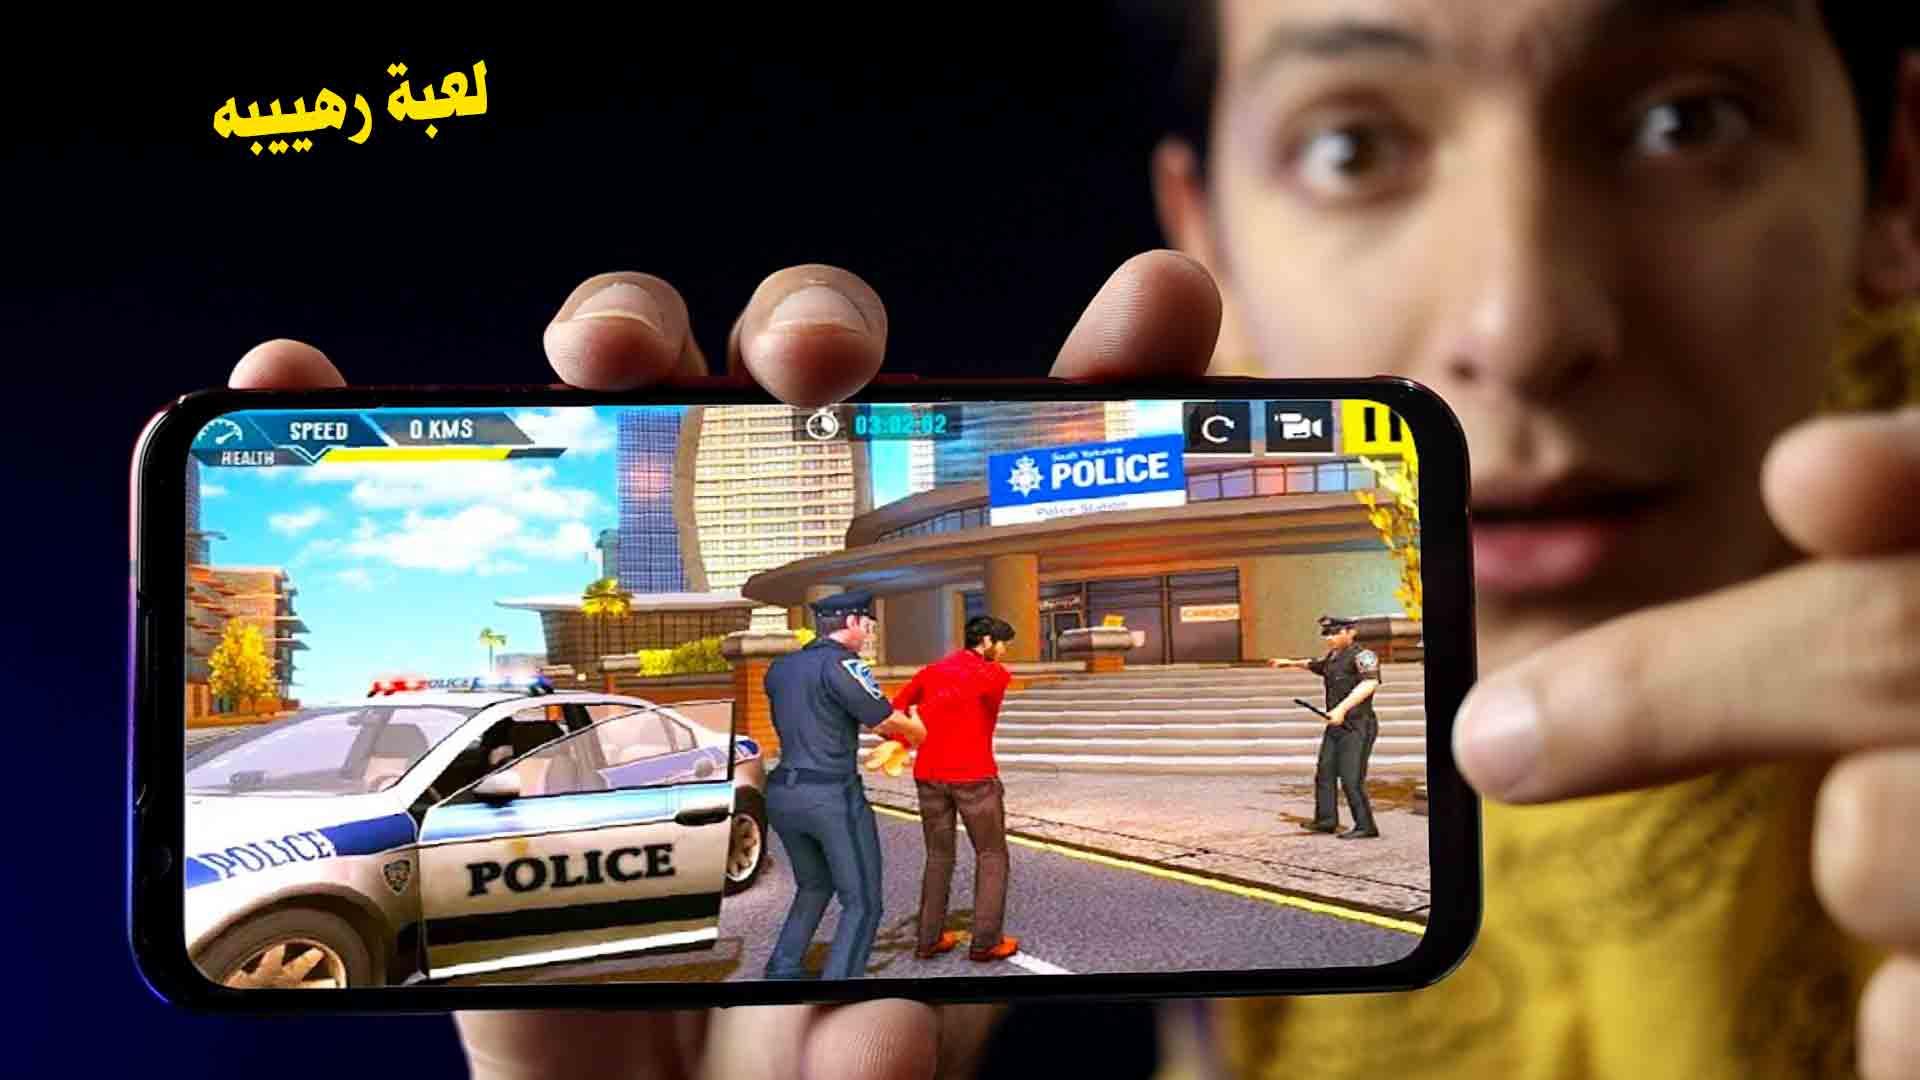 اقوي العاب الشرطة علي الاطلاق (Police Patrol Simulator)